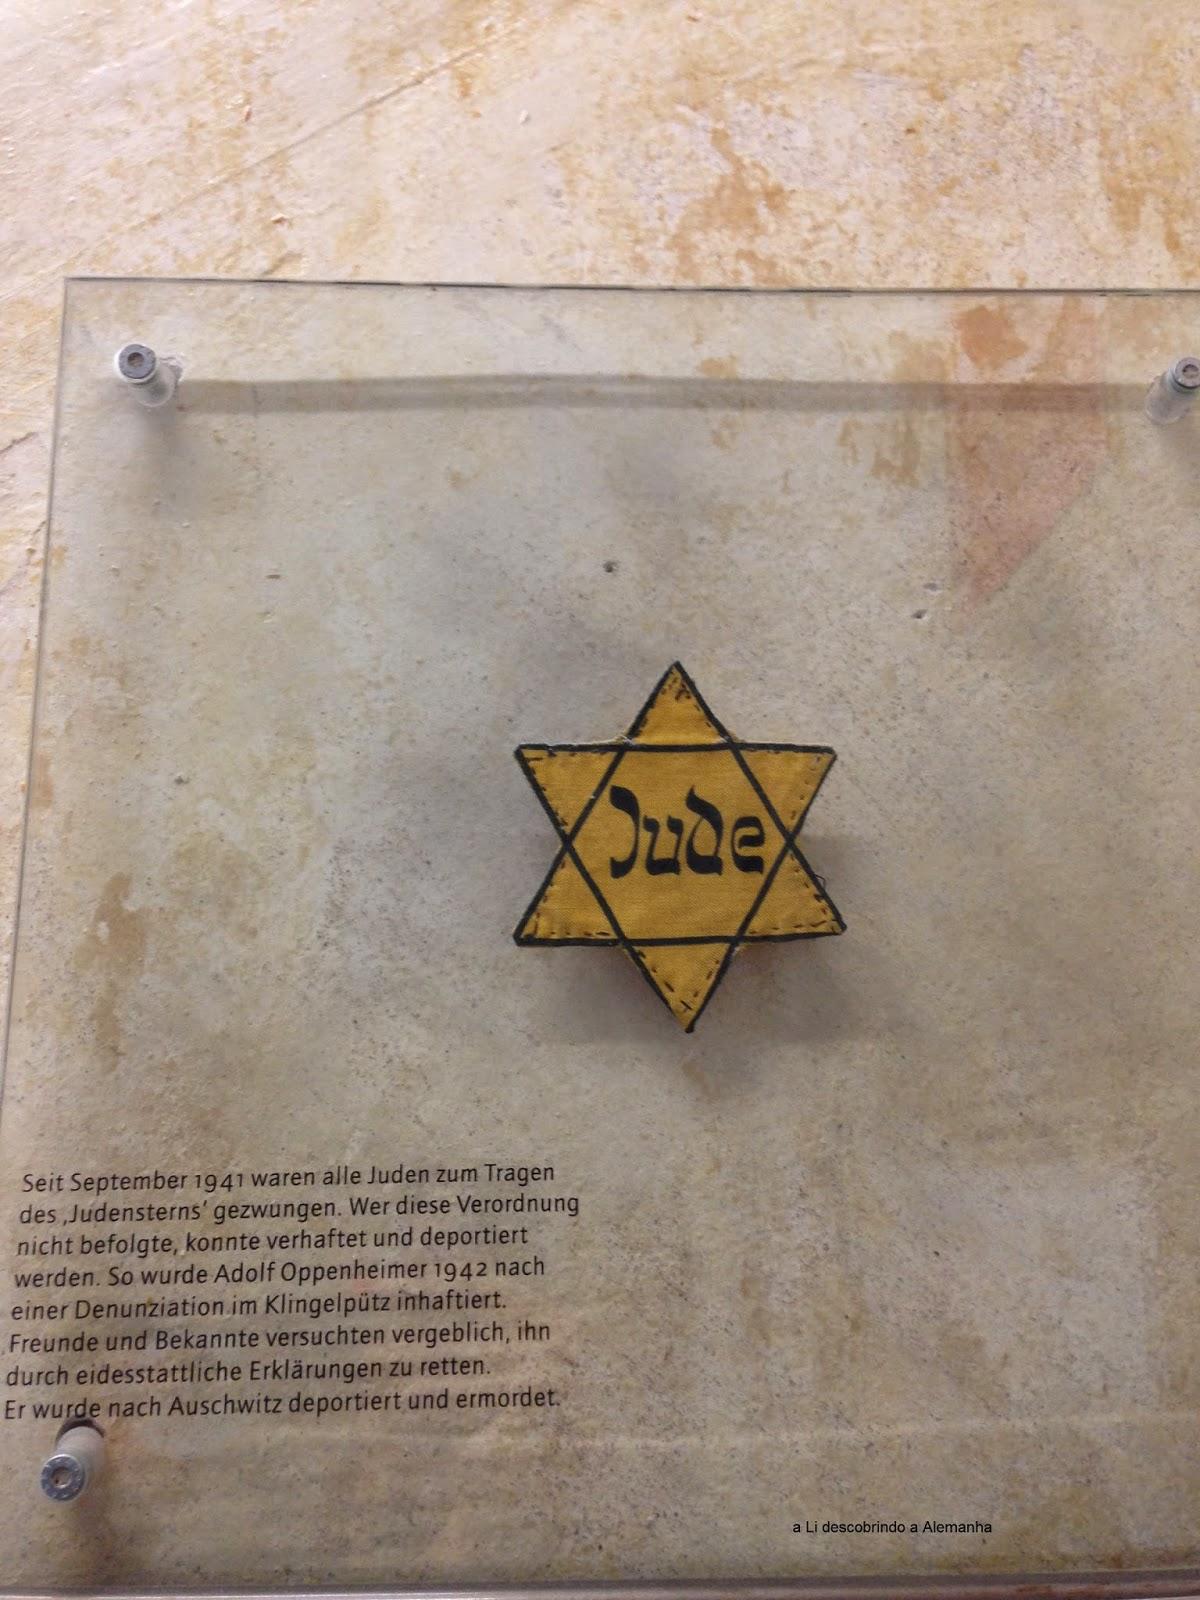 Centro de documentação nazista